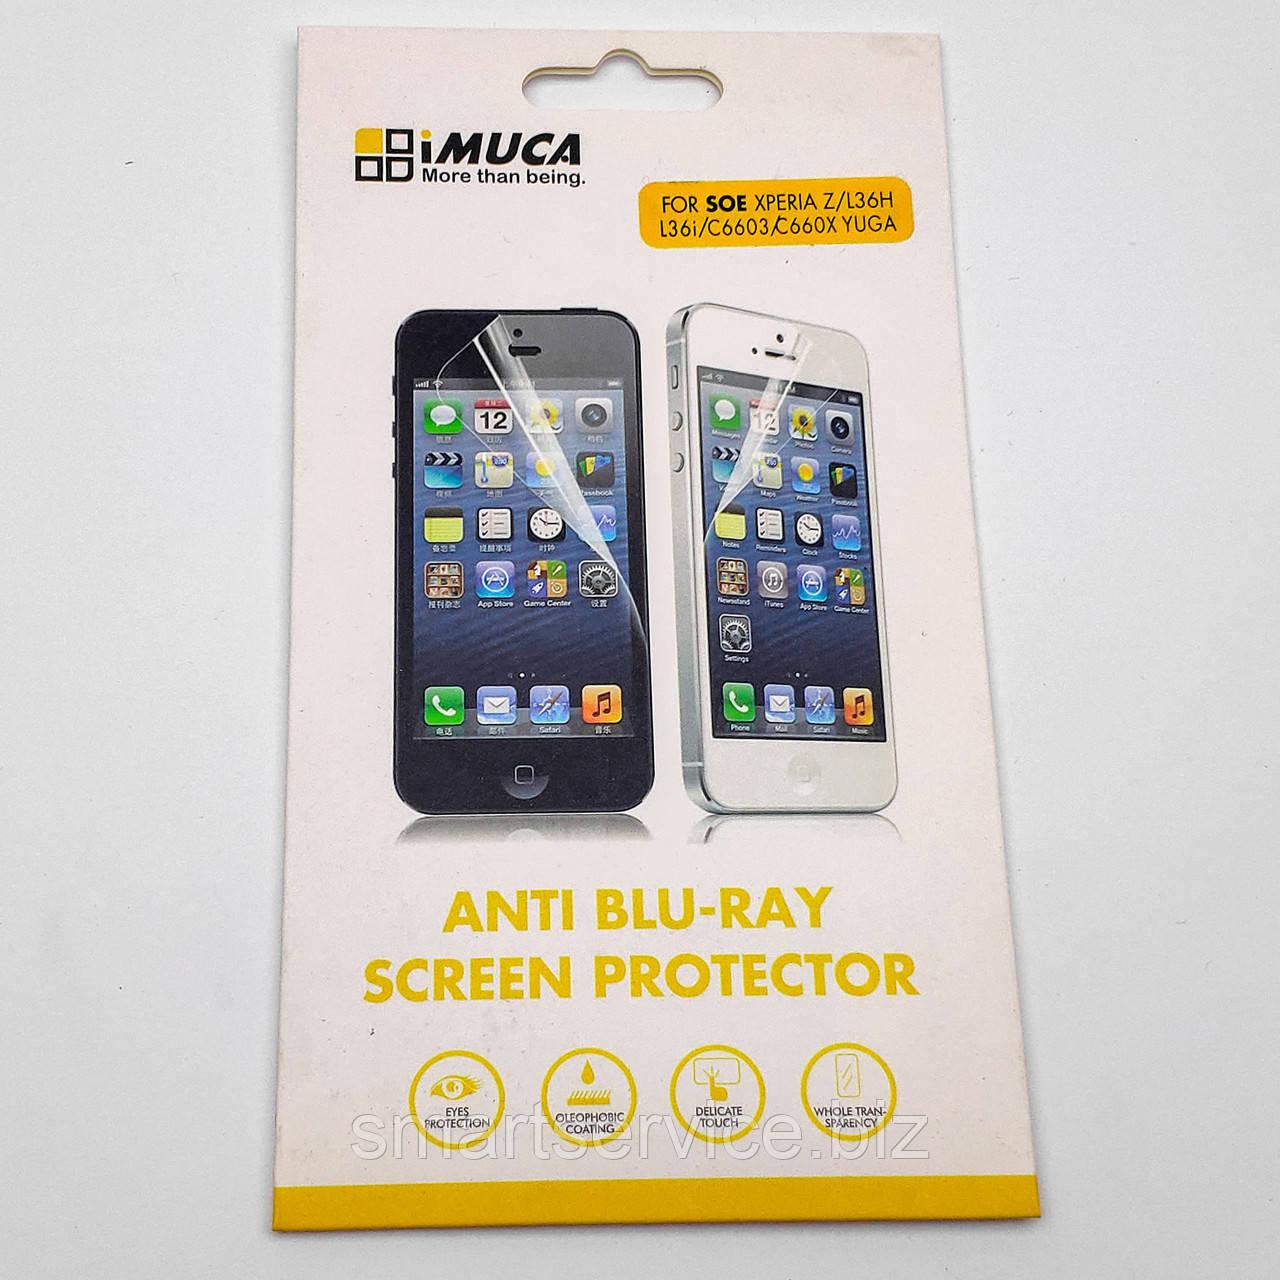 Захисна плівка IMUCA з Anti Blu-ray покриттям для Sony Xperia Z